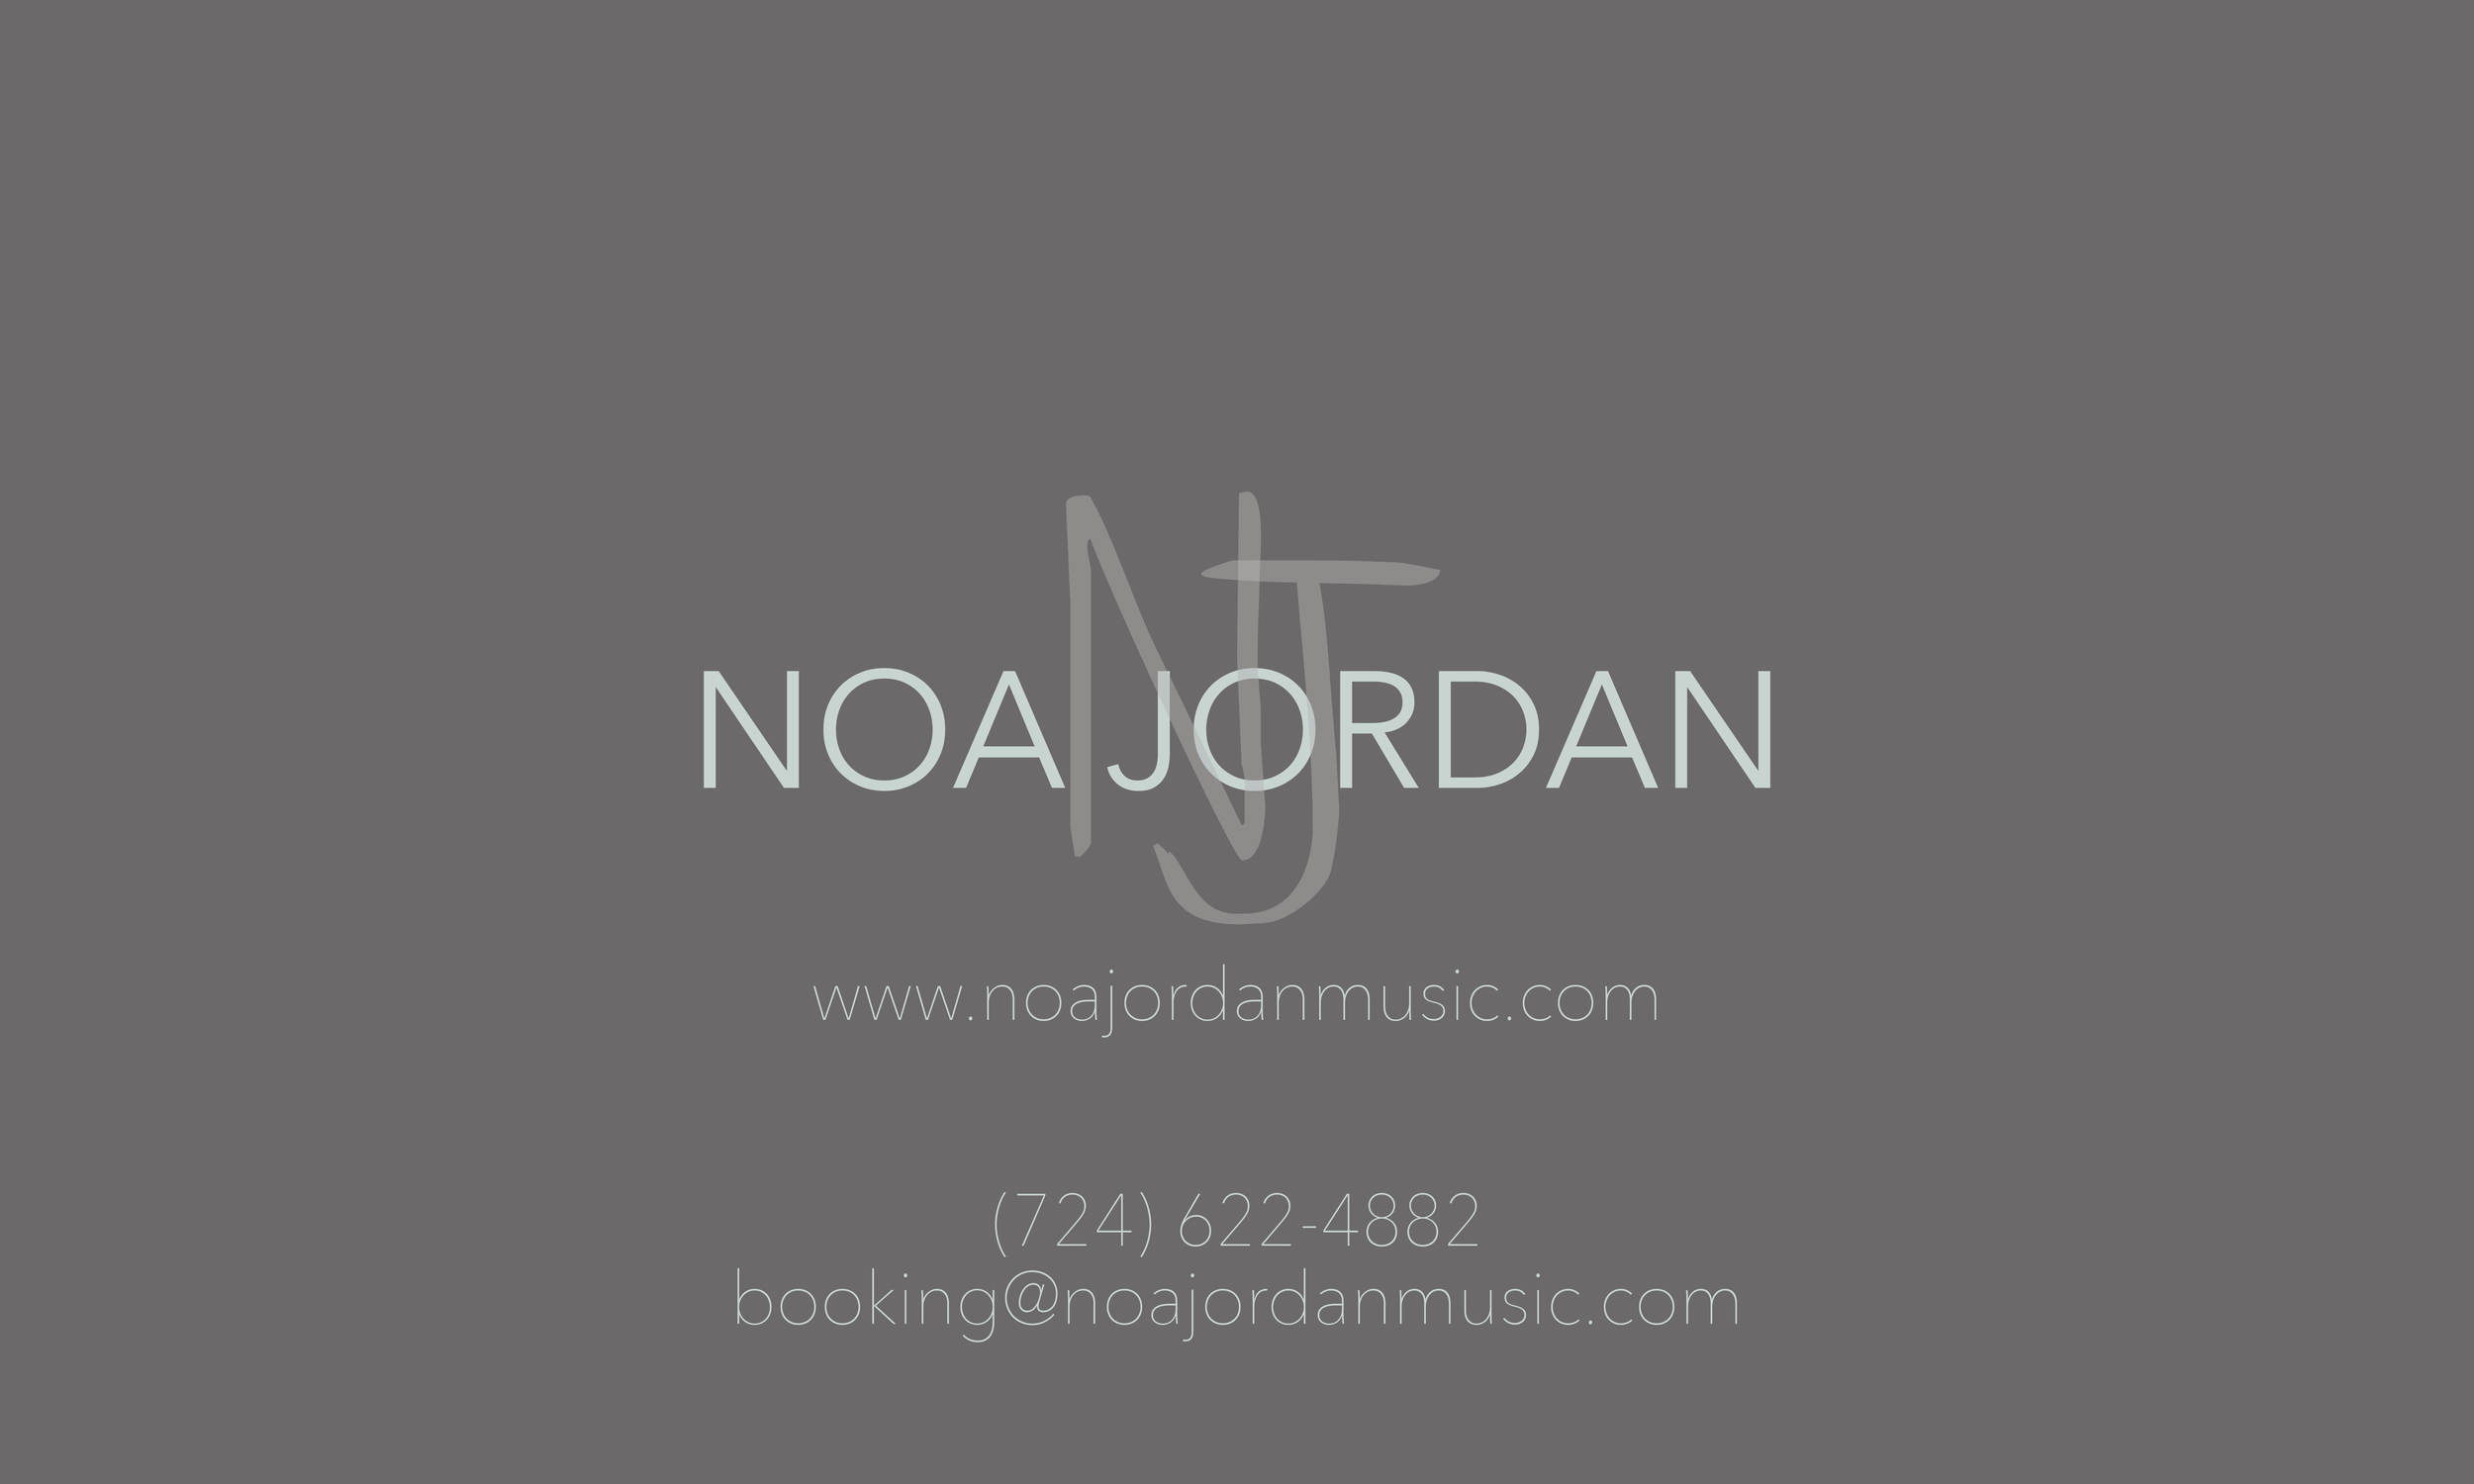 Artist Business Card